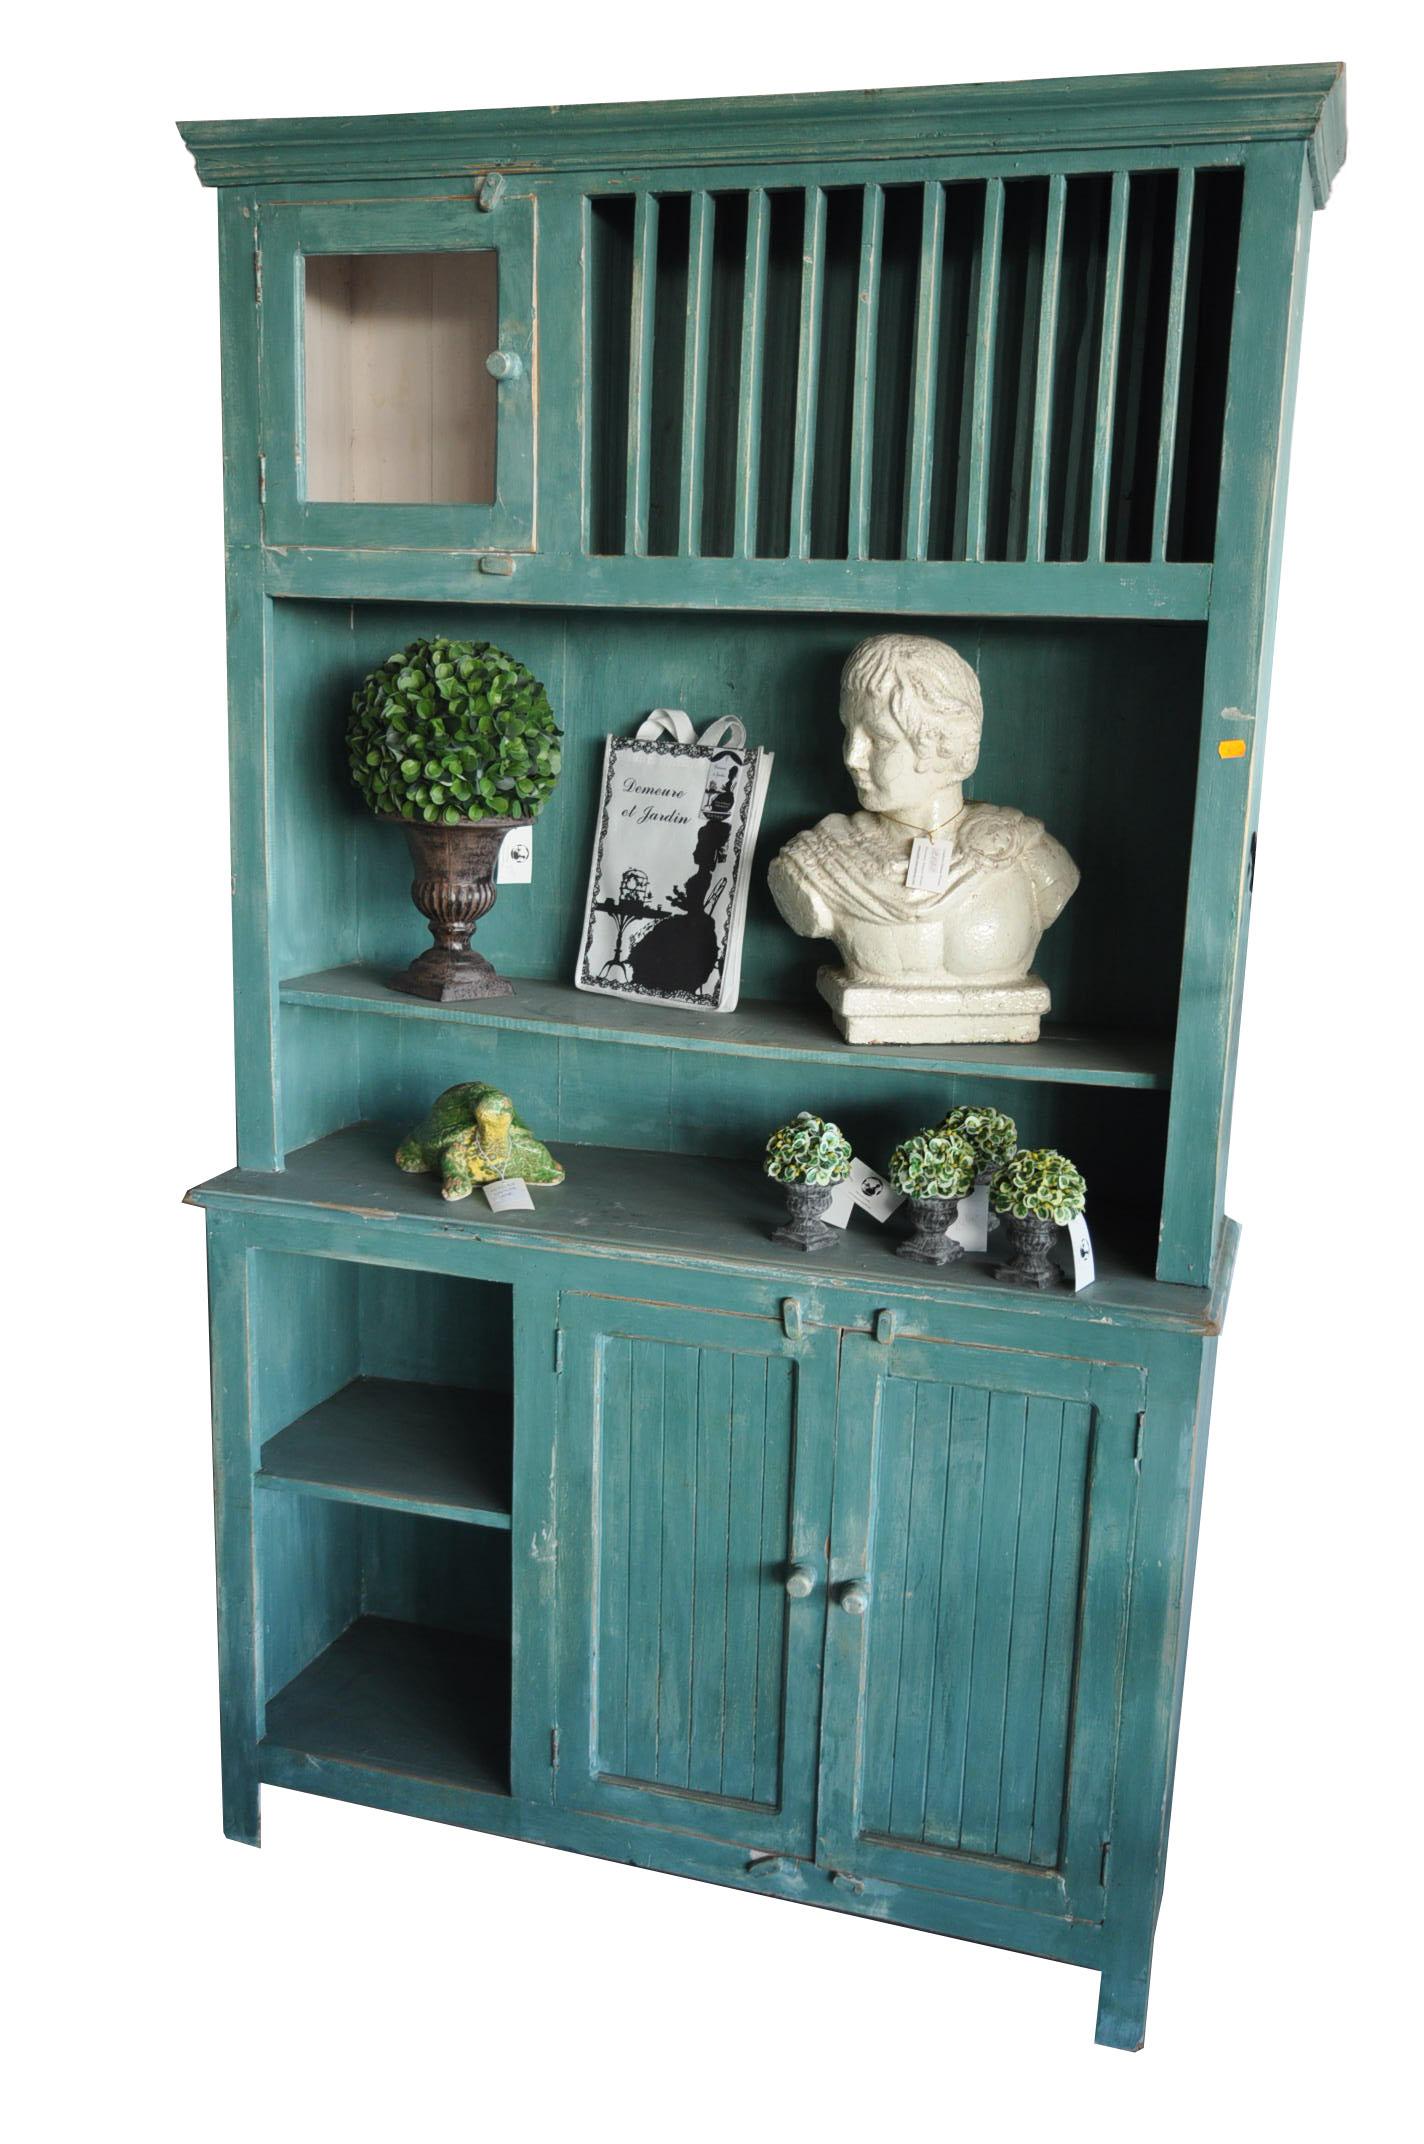 vaisselier cuisine bleu vert en bois rustique demeure et jardin. Black Bedroom Furniture Sets. Home Design Ideas